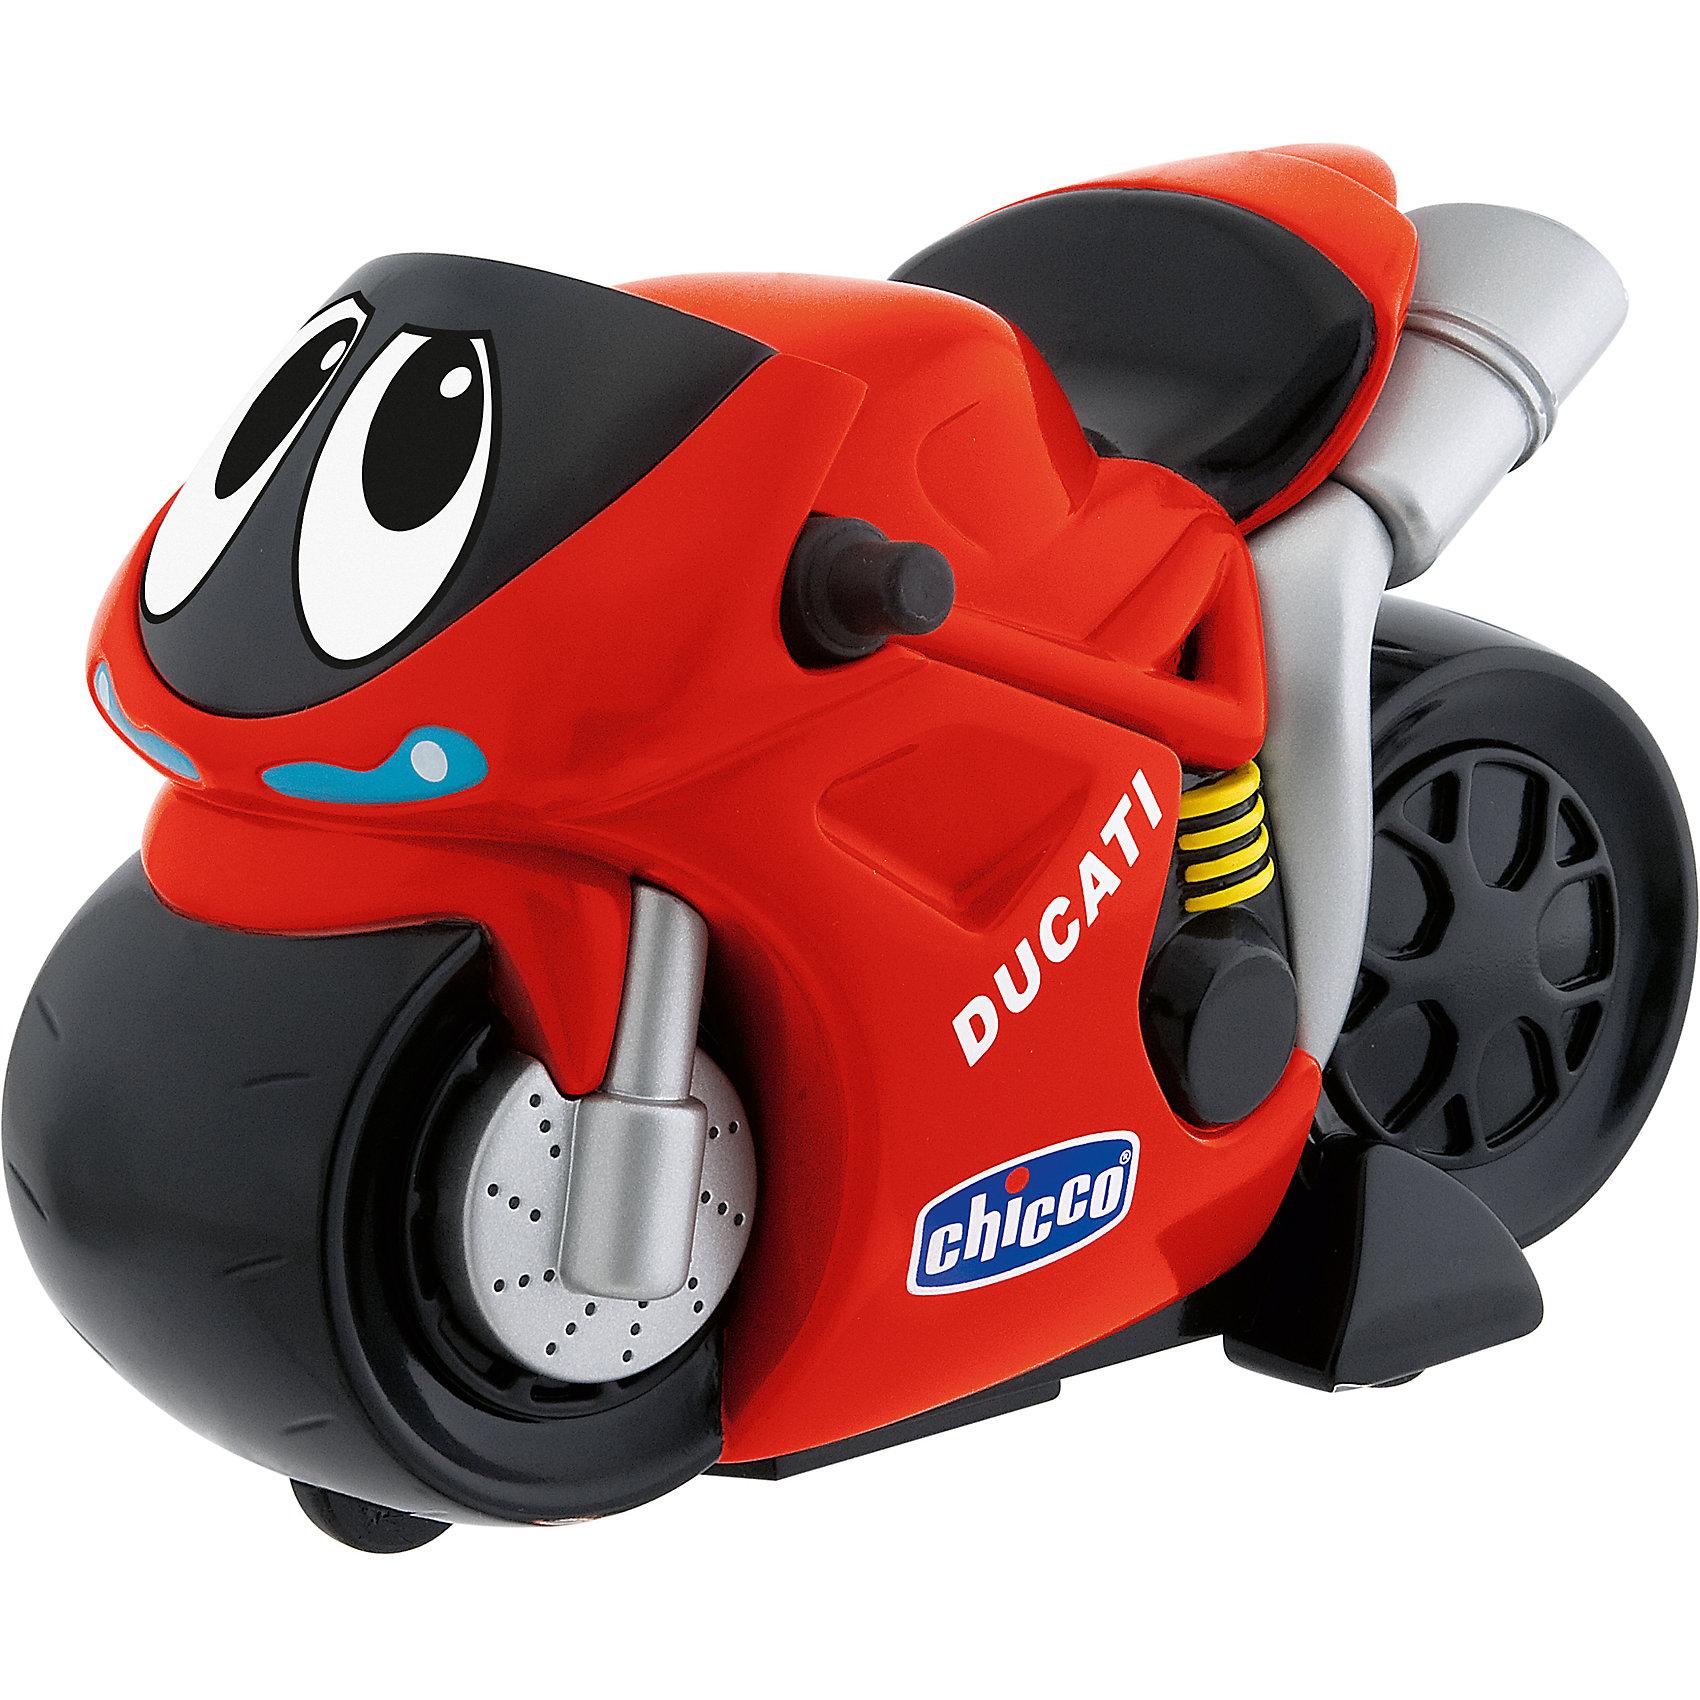 Турбо-мотоцикл Ducati, красный, ChiccoТурбо-мотоцикл Ducati Chicco (Чико) идеален для маленьких любителей двухколесных игрушек!<br><br>Подобно настоящему Ducati он приезжает первым! Простого нажатия руки достаточно, чтобы завести мотор, разогнаться, с ревом пролететь по кругу, резко затормозить и поприветствовать всех сигналом клаксона! Достаточно одного простого нажатия на заднюю часть секции с сиденьем, чтобы его завести: сильнее нажмешь, больше заведешь! Турбо-мотоцикл вибрирует, разгоняется, издавая звук мотора во время движения, резко останавливается под визг тормозов.<br><br>Дополнительная информация:<br>- Батарейки: 3 х АА 1,5 В, входят в комплект.<br>- Турбо-мотоцикл может проехать до 10 метров.<br>- Размеры упаковки: 21 х 13 х 15 см<br><br>Турбо-мотоцикл Ducati Chicco красного цвета можно купить в нашем интернет-магазине.<br><br>Ширина мм: 126<br>Глубина мм: 212<br>Высота мм: 153<br>Вес г: 390<br>Возраст от месяцев: 24<br>Возраст до месяцев: 60<br>Пол: Мужской<br>Возраст: Детский<br>SKU: 2009678